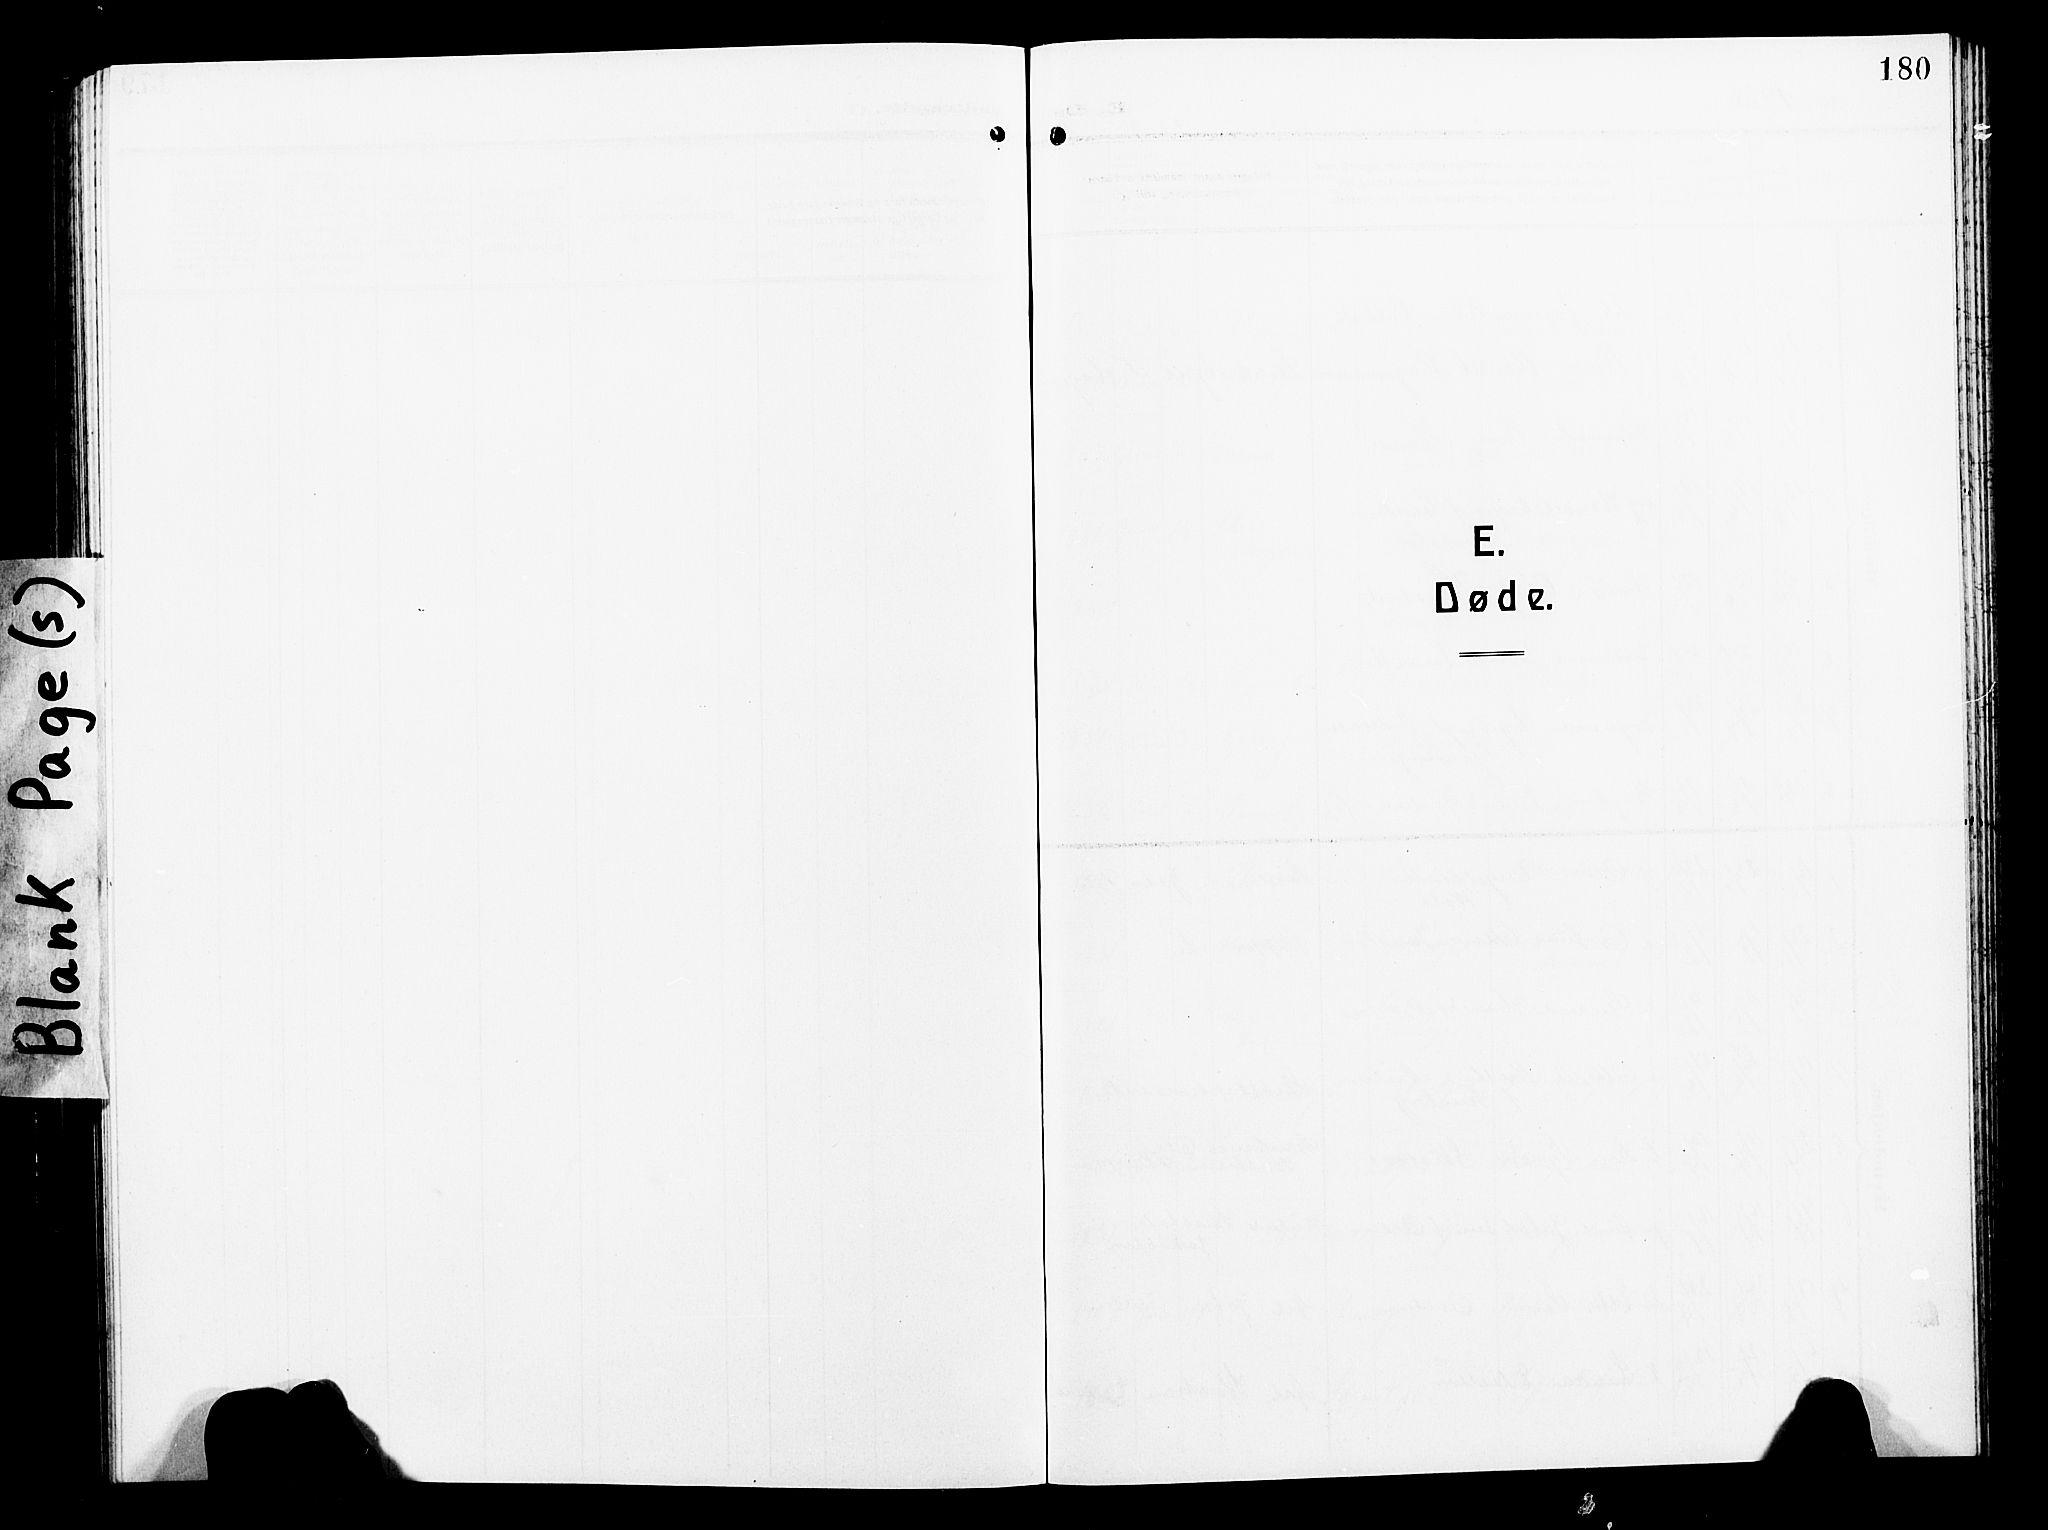 SAT, Ministerialprotokoller, klokkerbøker og fødselsregistre - Nord-Trøndelag, 739/L0376: Klokkerbok nr. 739C04, 1908-1917, s. 180